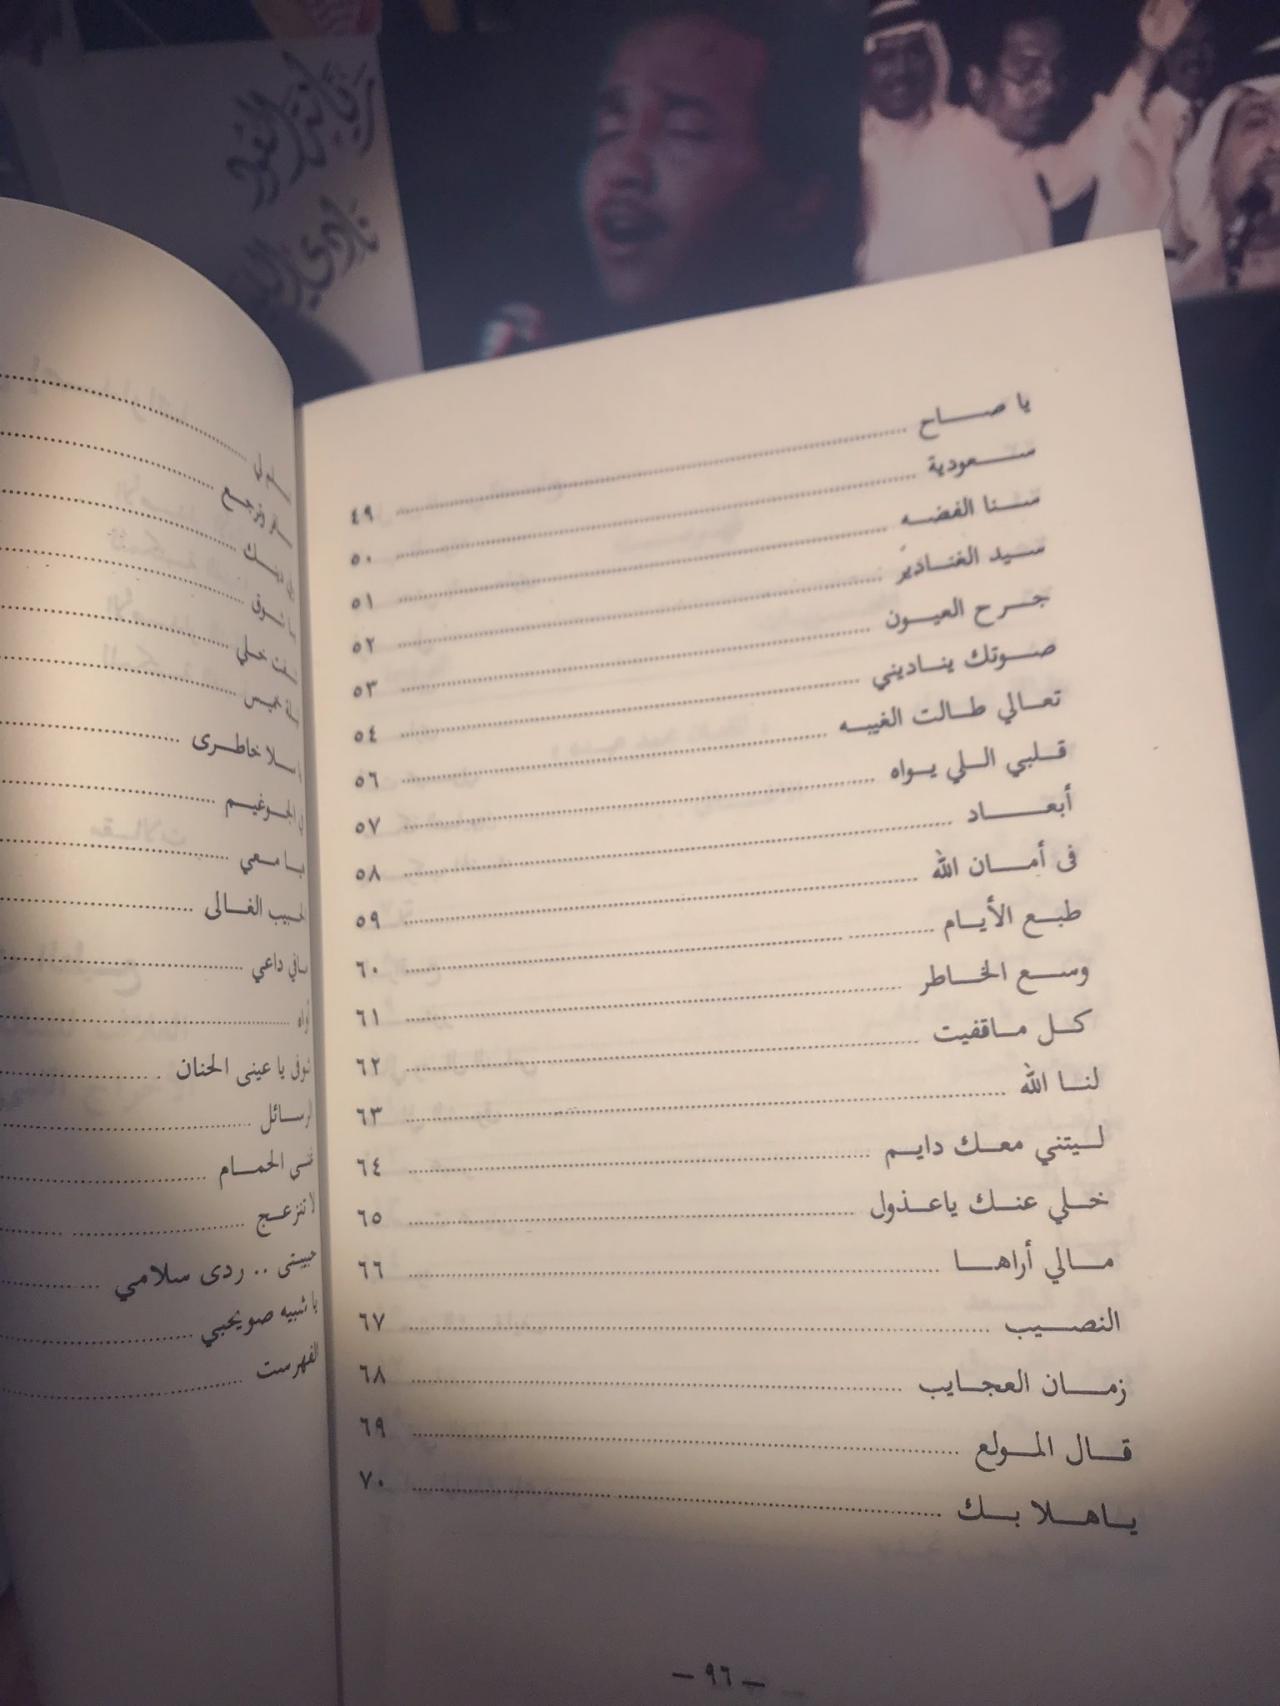 قلبي وطن خروج On Twitter الله